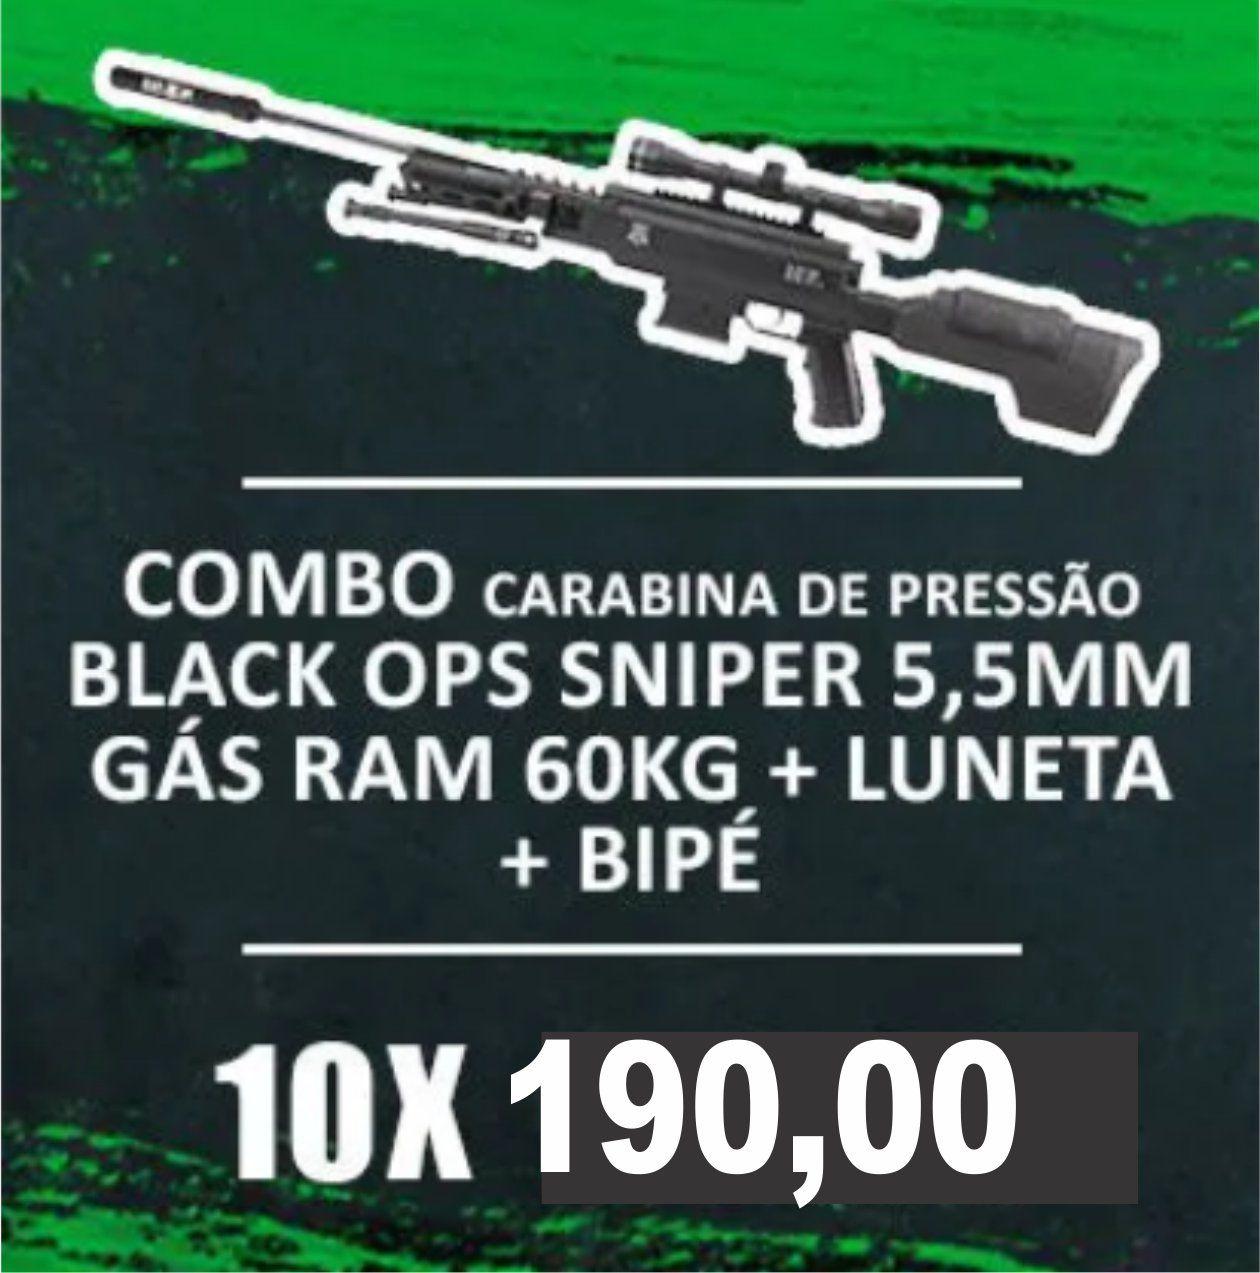 Consórcio - Carabina de pressão Black Ops Sniper 5,5 GÁS RAM 60kg + luneta + Bipé